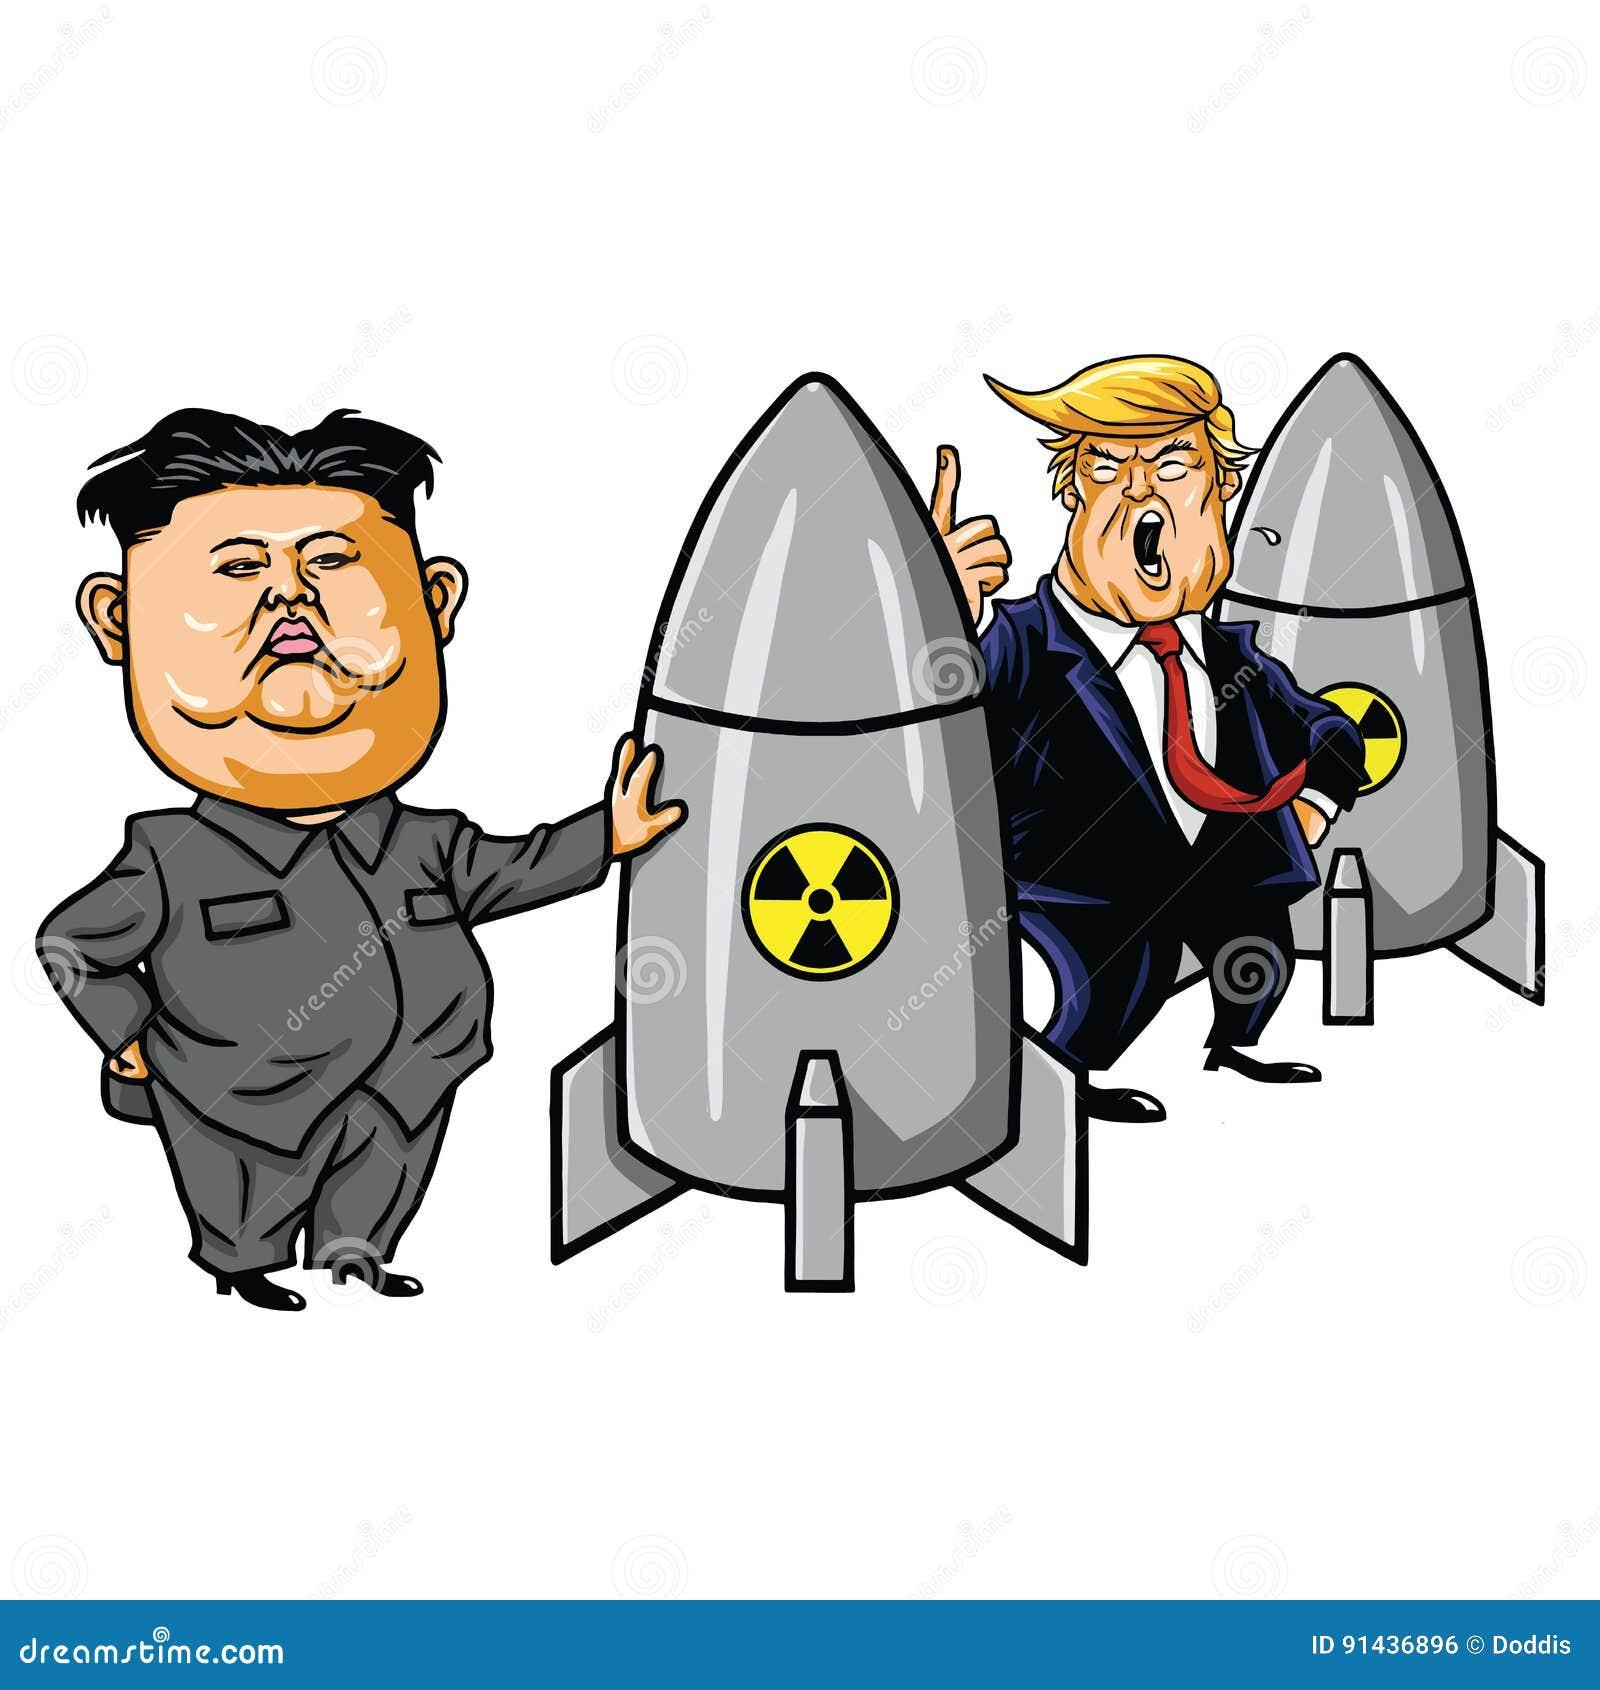 Kim Jong Un Vs Donald Trump Cartoon Caricature Vector Editorial